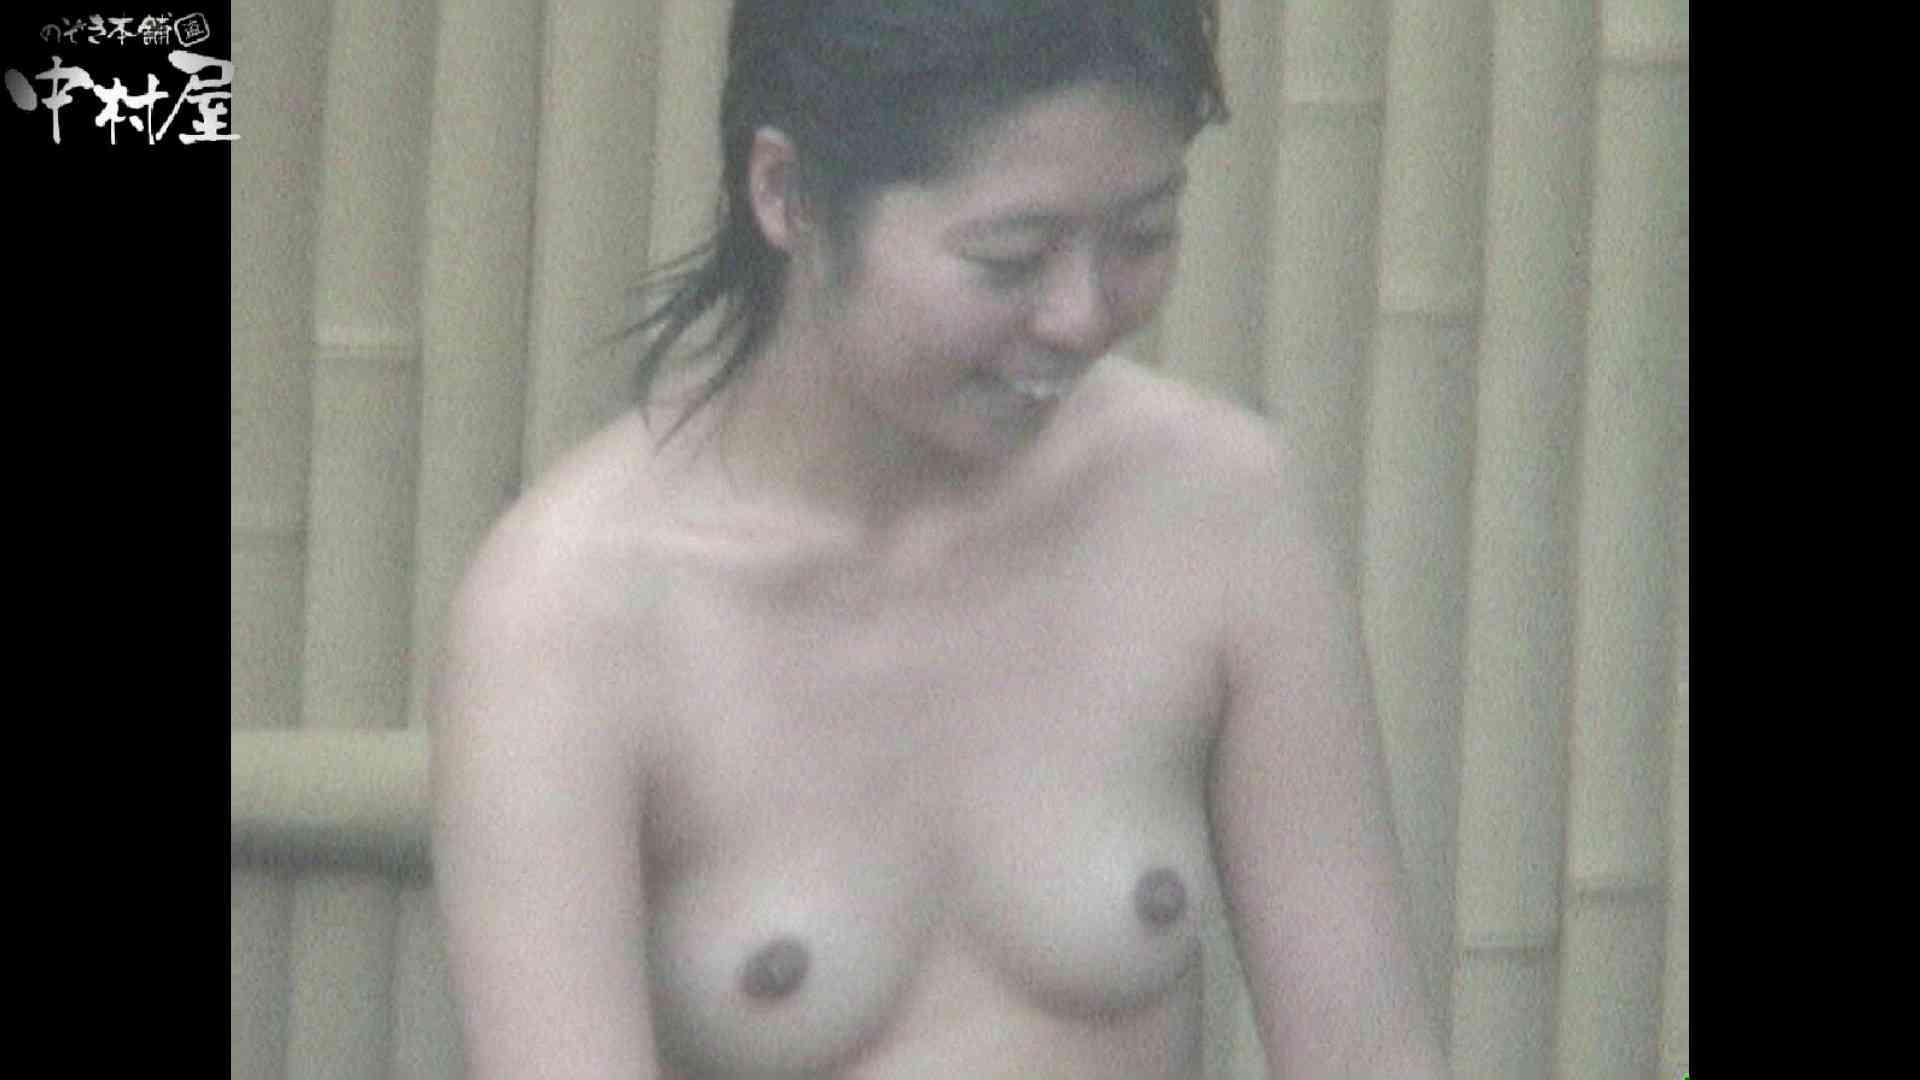 Aquaな露天風呂Vol.932 女体盗撮 のぞきおめこ無修正画像 82連発 8